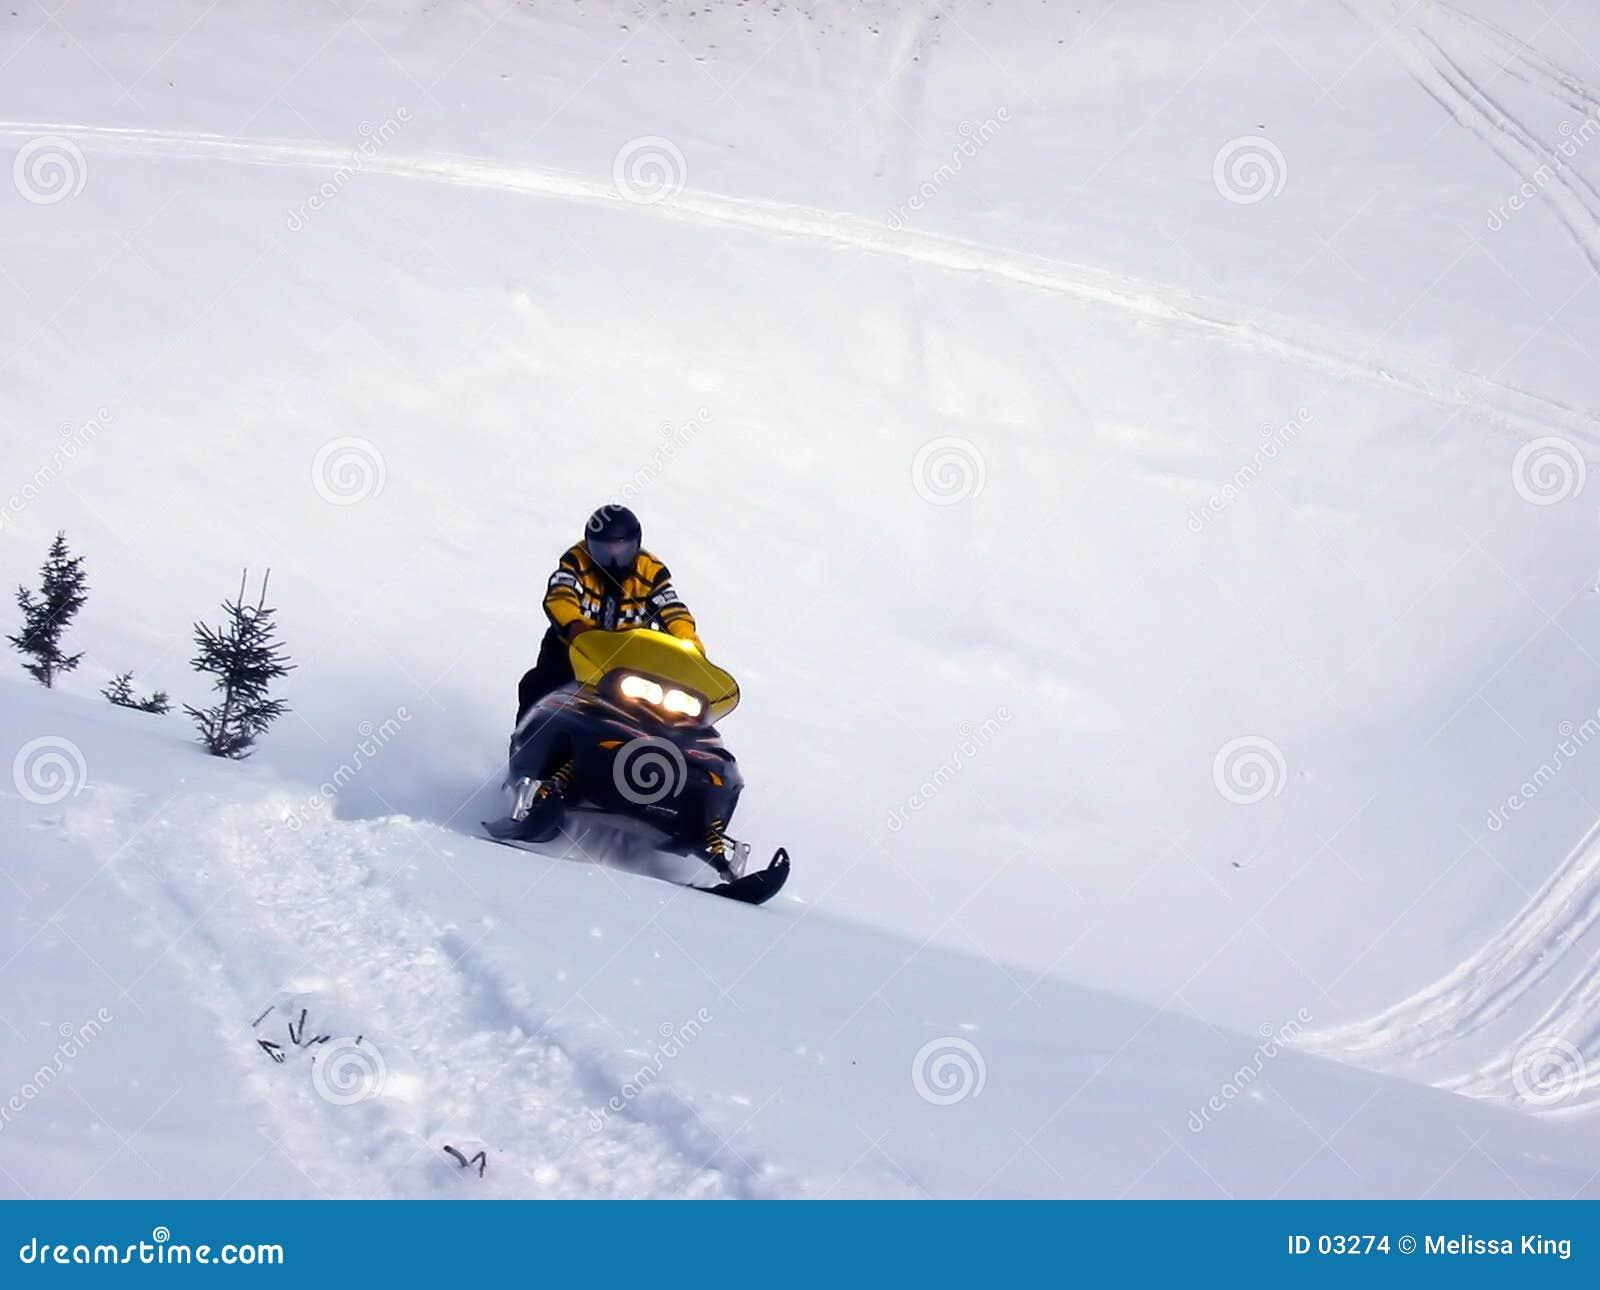 śnieg na nartach.